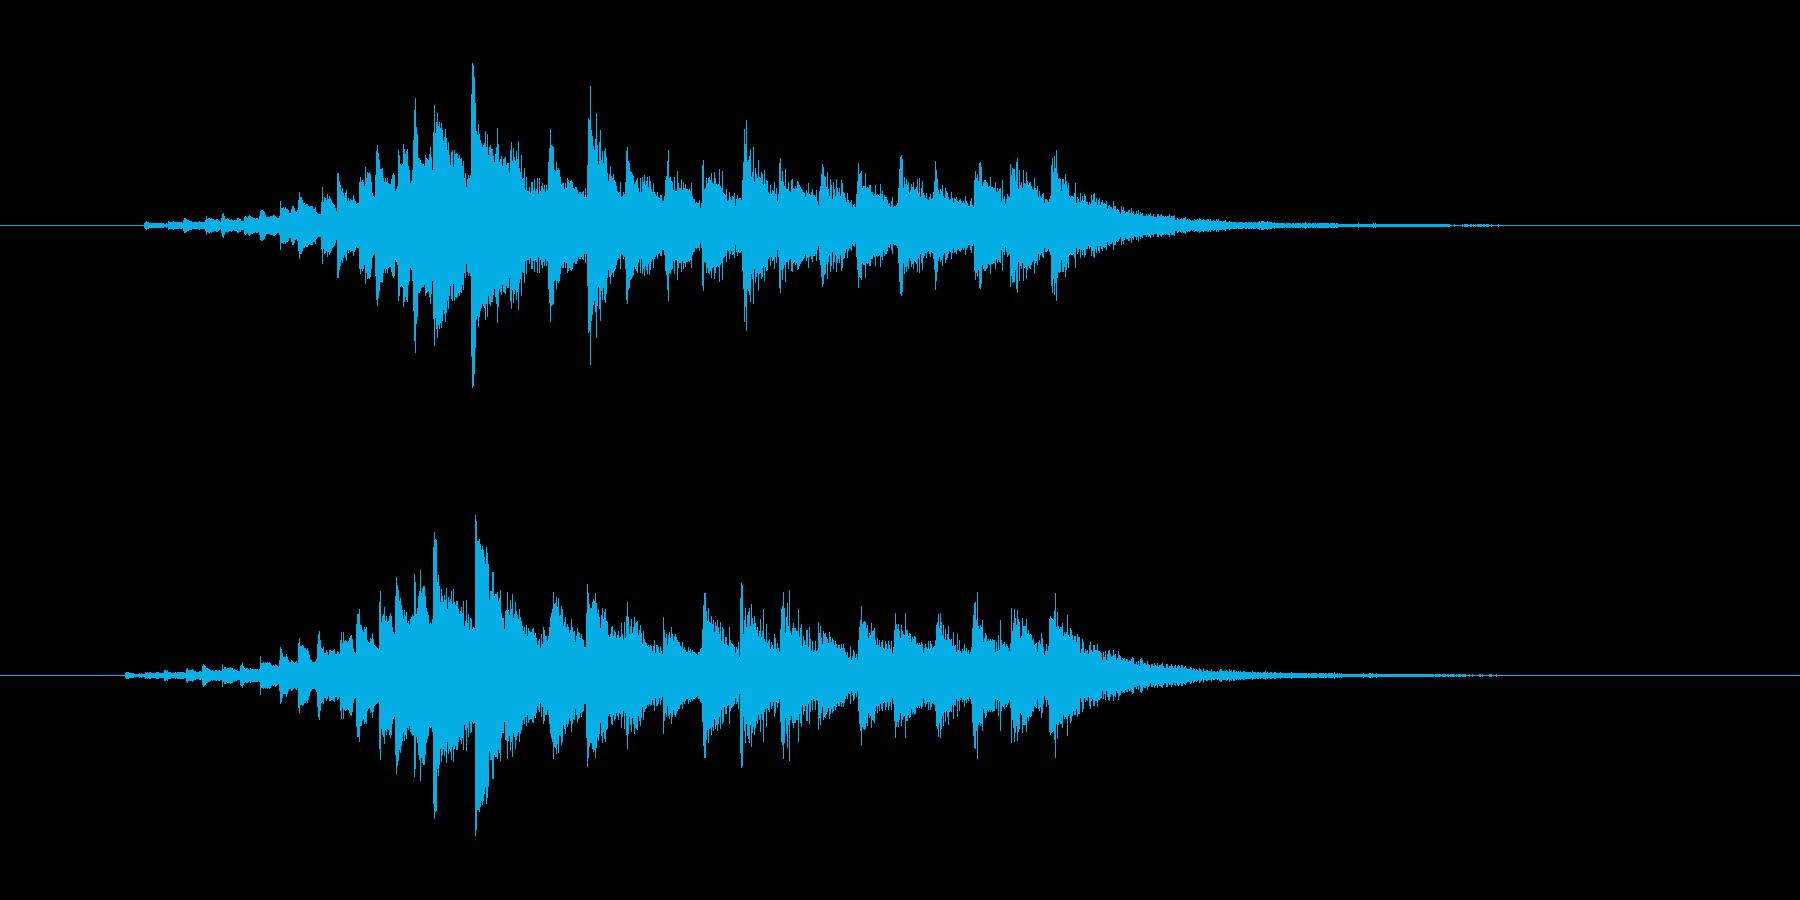 美しい和風な弦楽器・打楽器サウンドの再生済みの波形